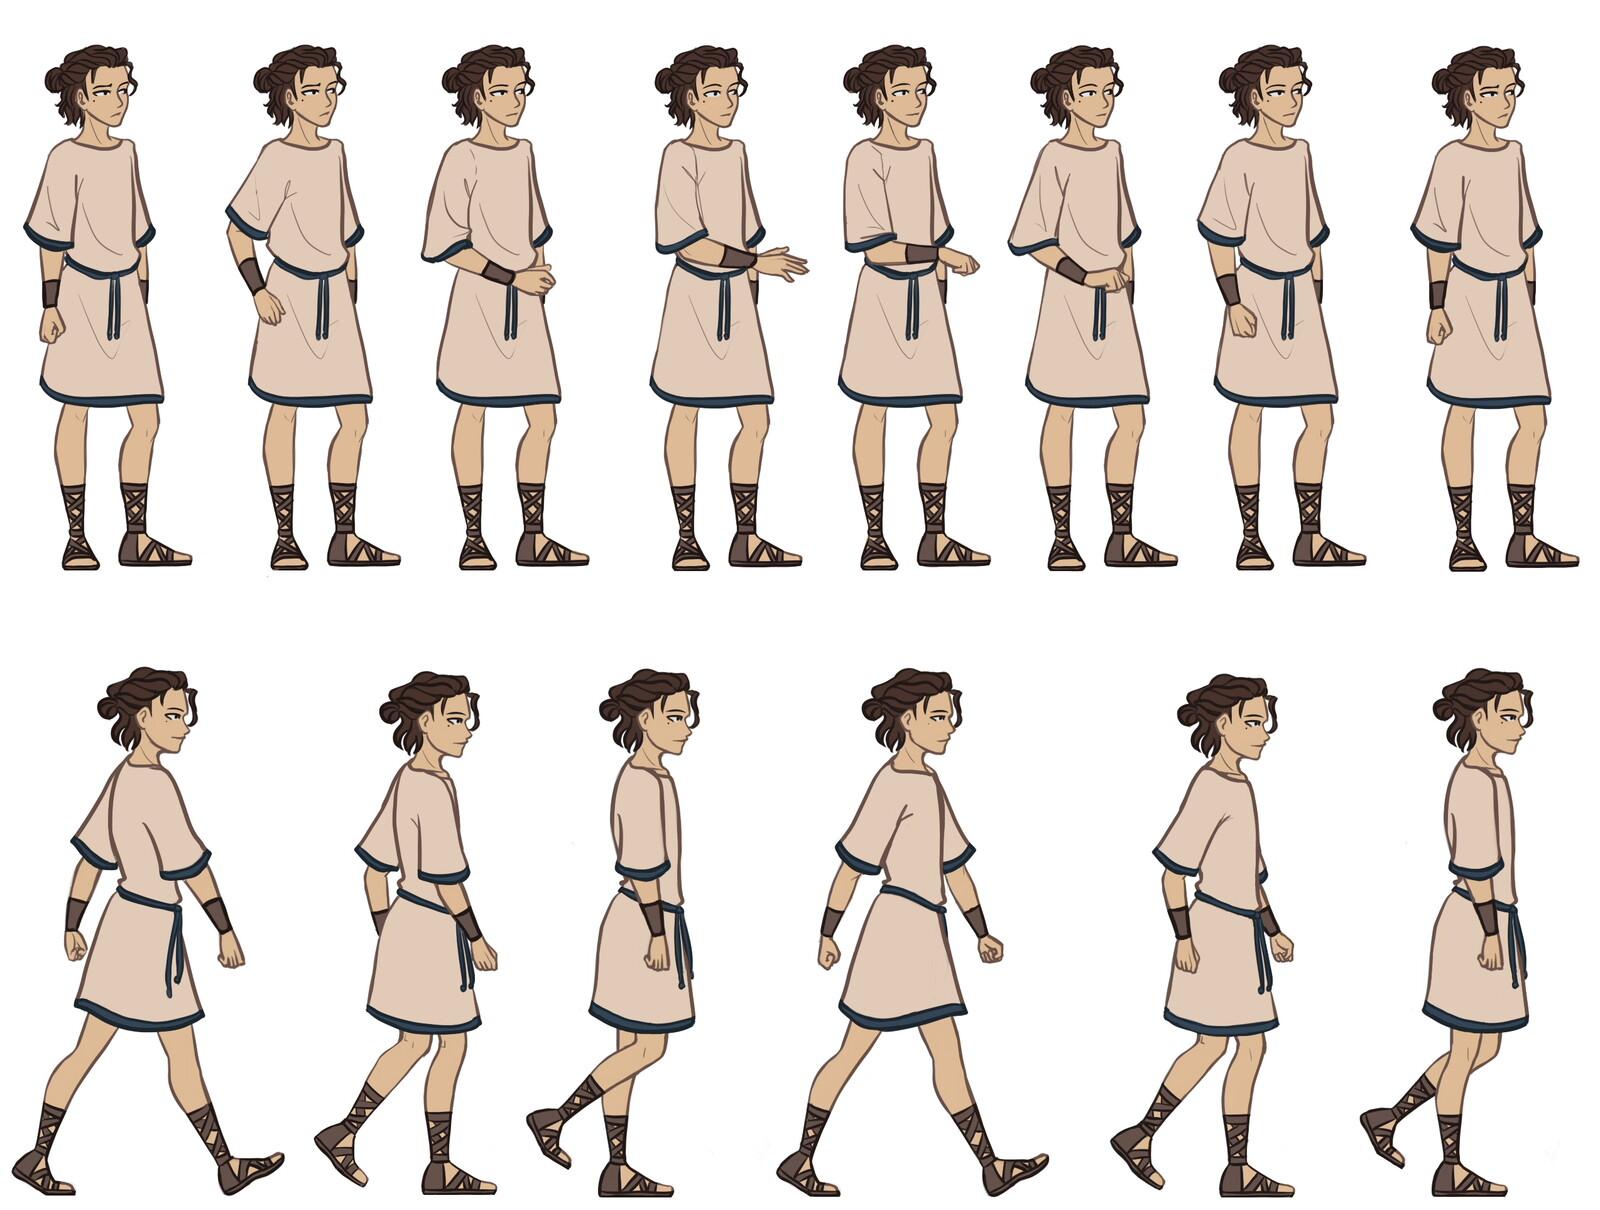 Picking up item & walking animation